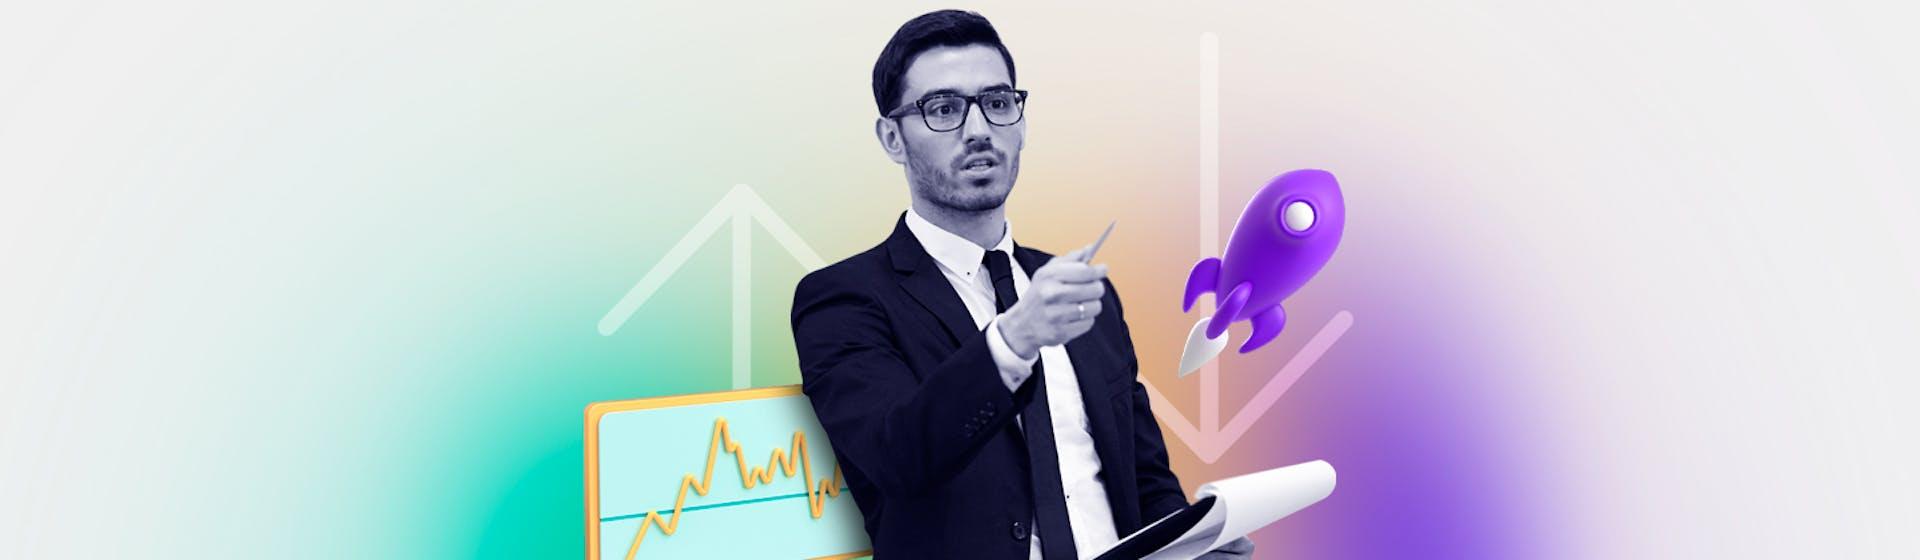 5 Capacitaciones de ventas para empresas: Impulsa los skills de tus vendedores